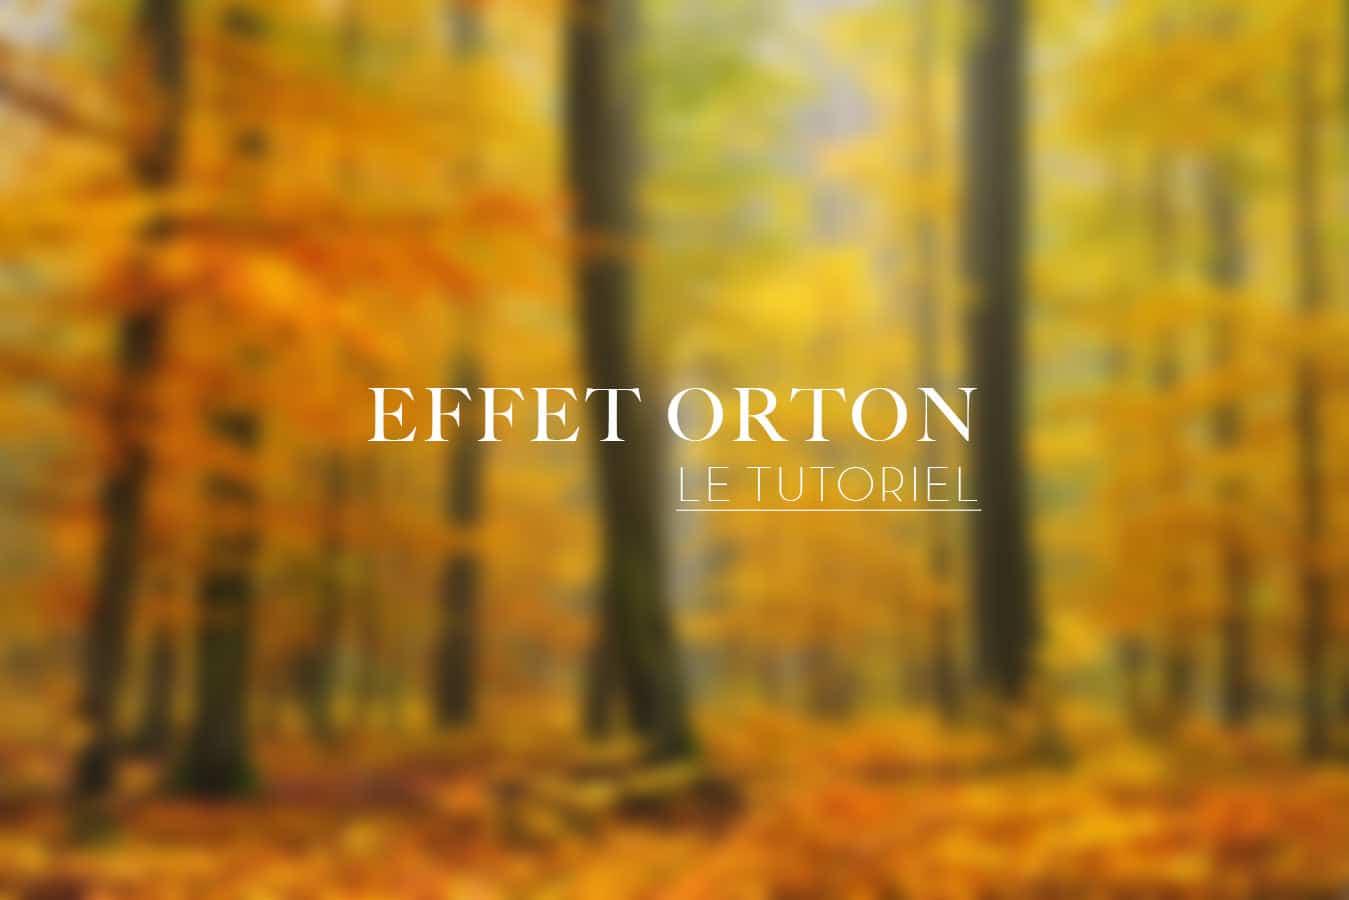 Effet Orton - le tutoriel